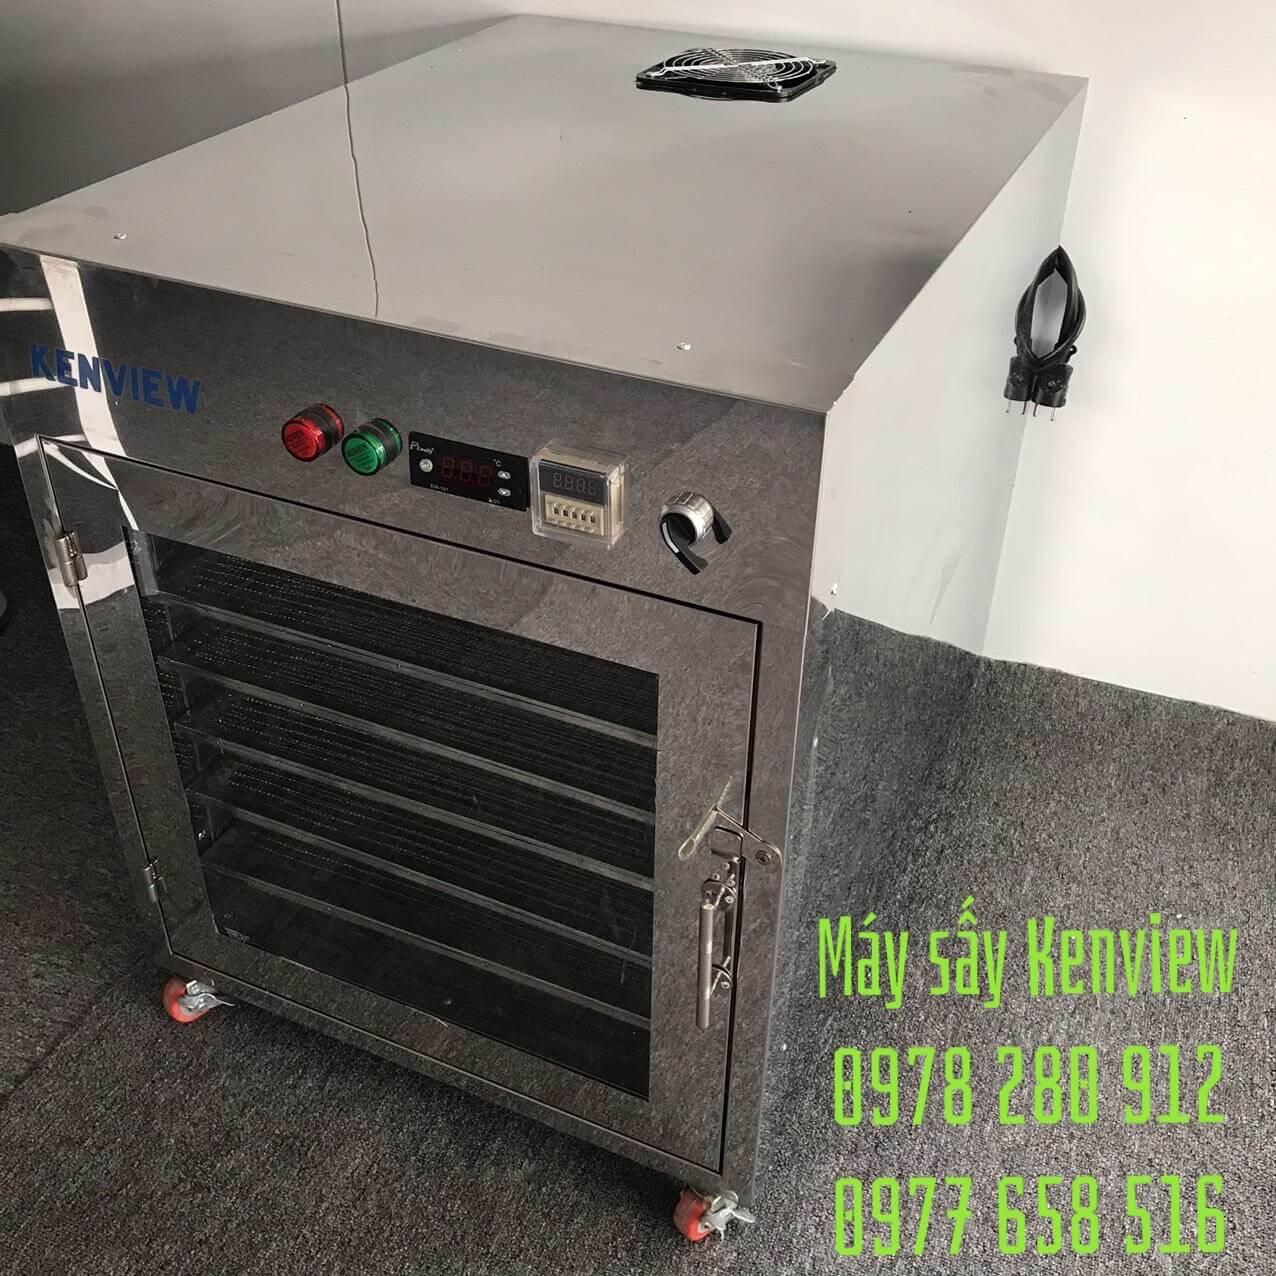 Kenview cung cấp máy sấy cá khô, tôm khô tại Phú Thọ.0978 280 912